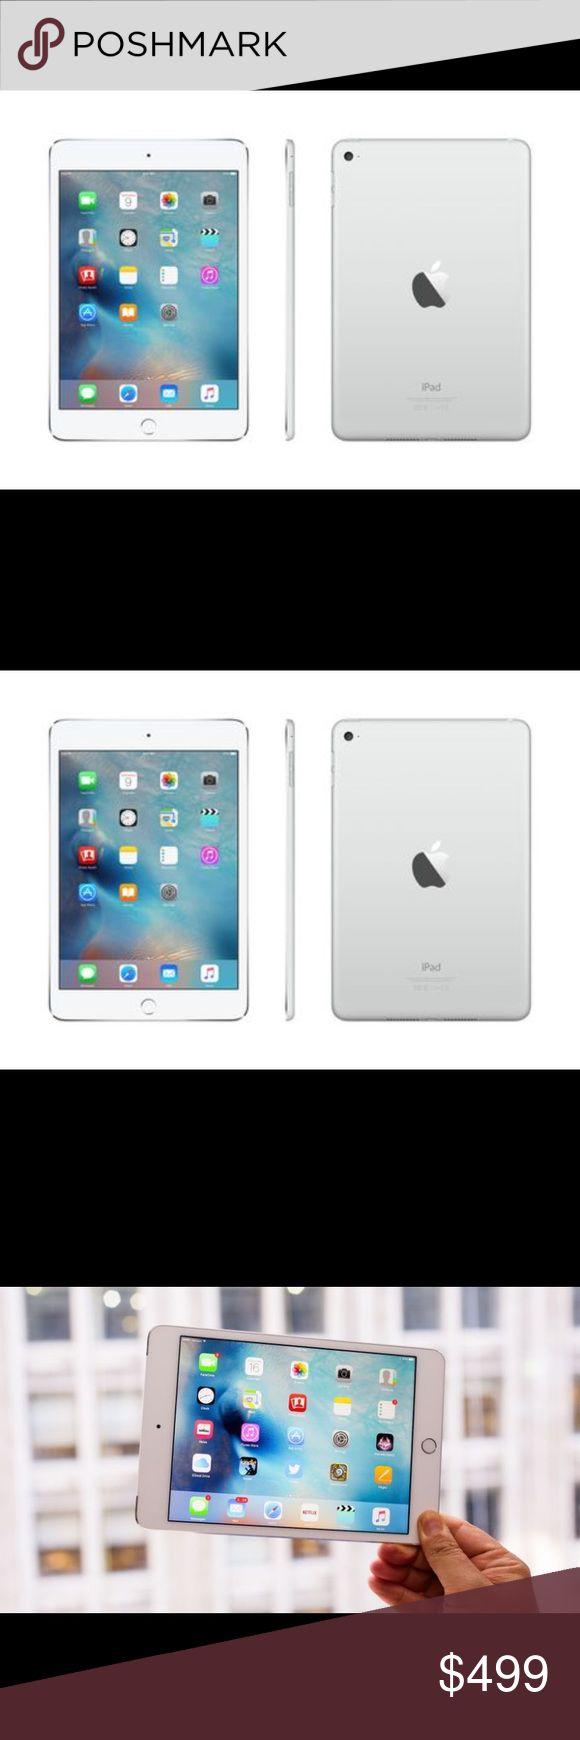 IPAD MINI NEW I pad mini new apple Other